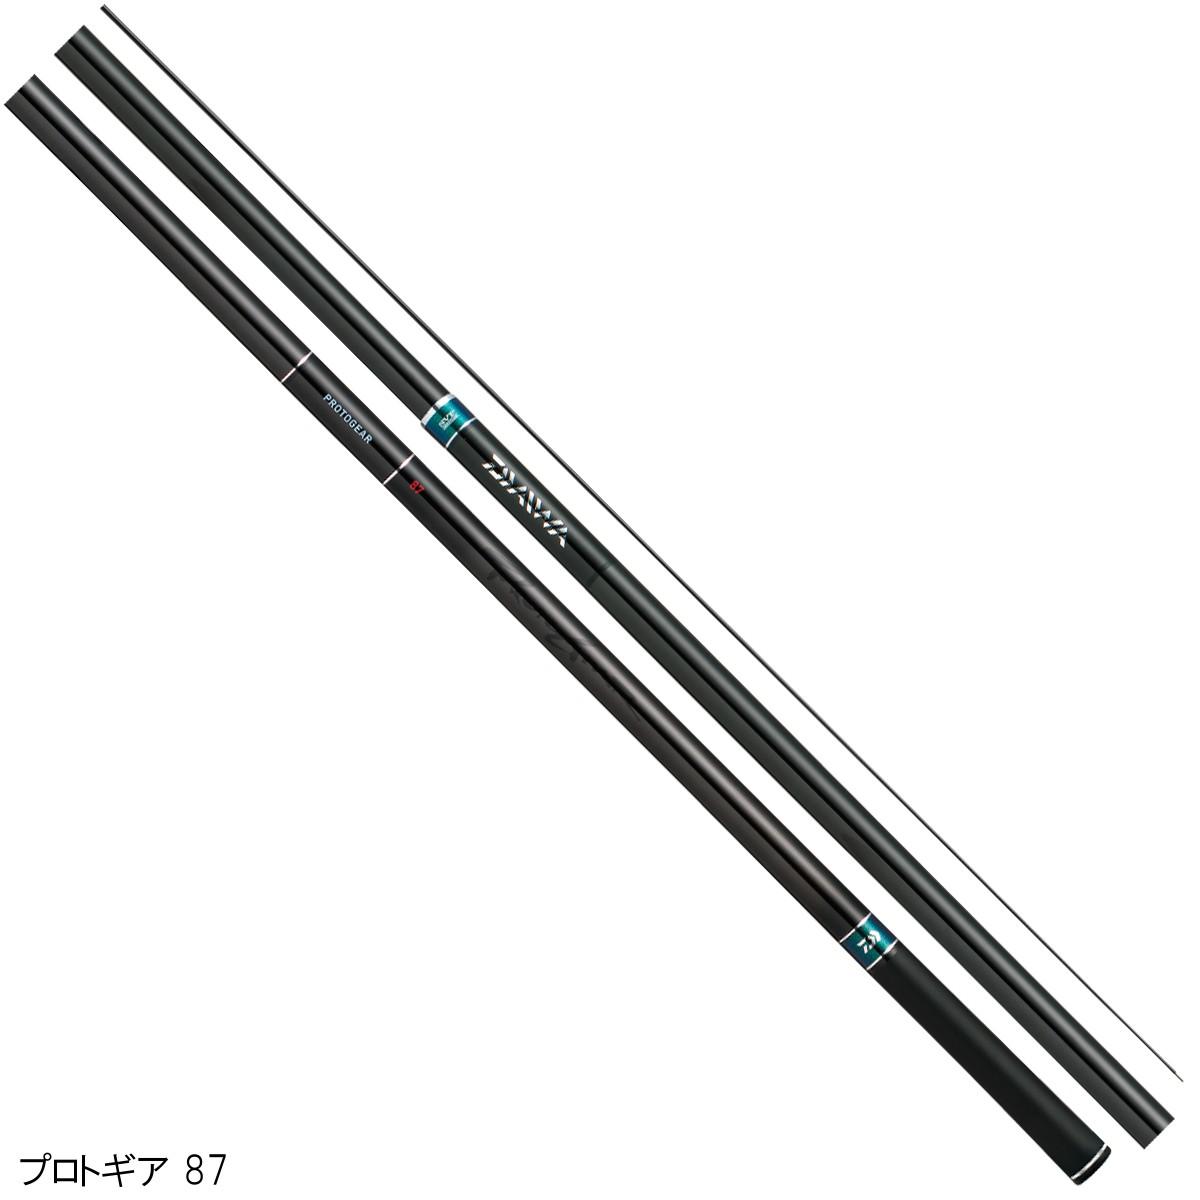 ダイワ プロトギア 87【送料無料】